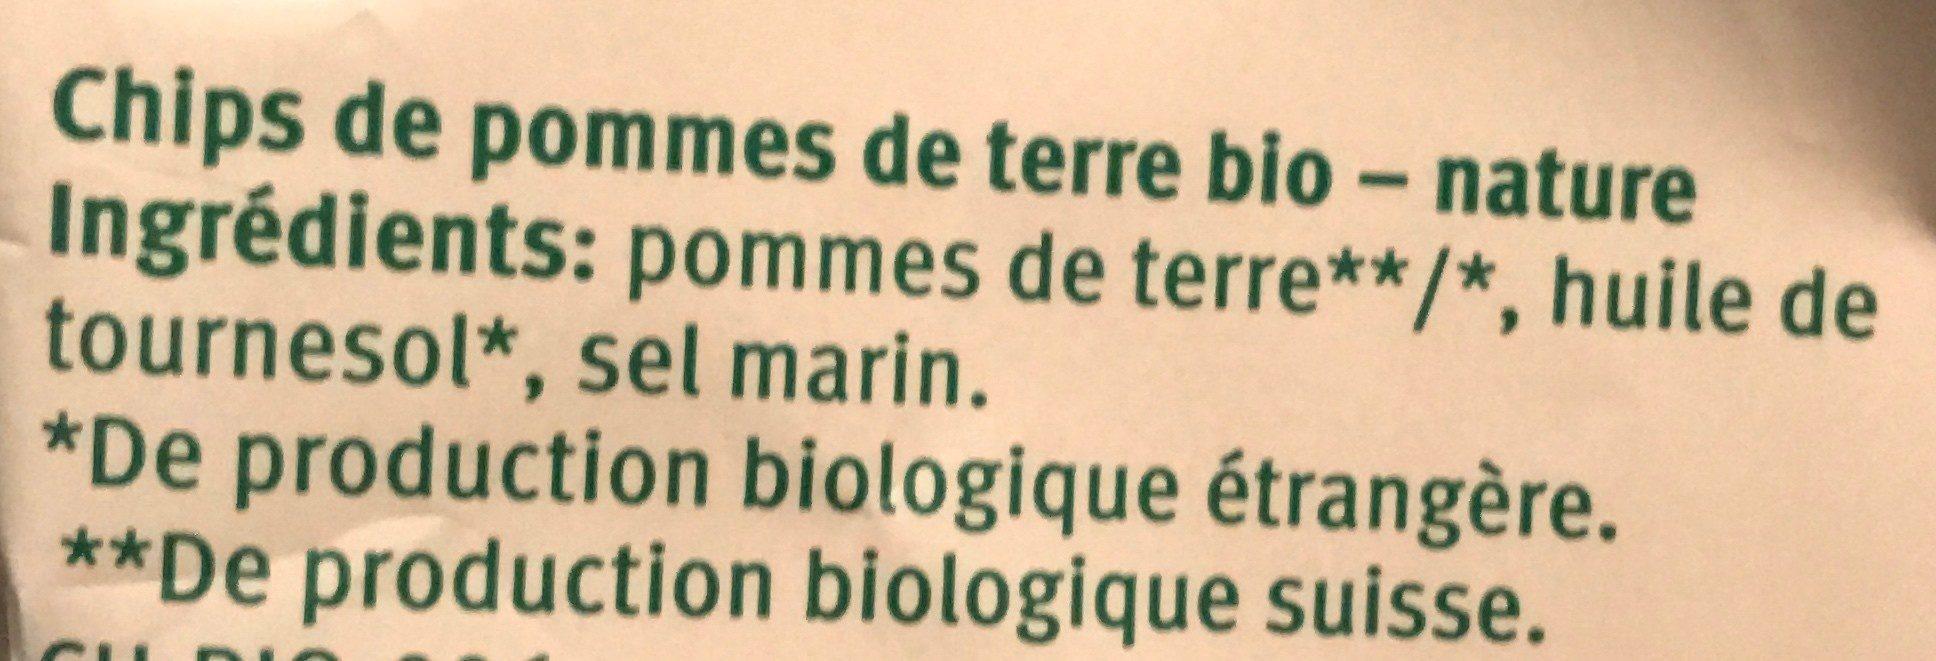 Bio Chips Nature - Ingredienti - fr